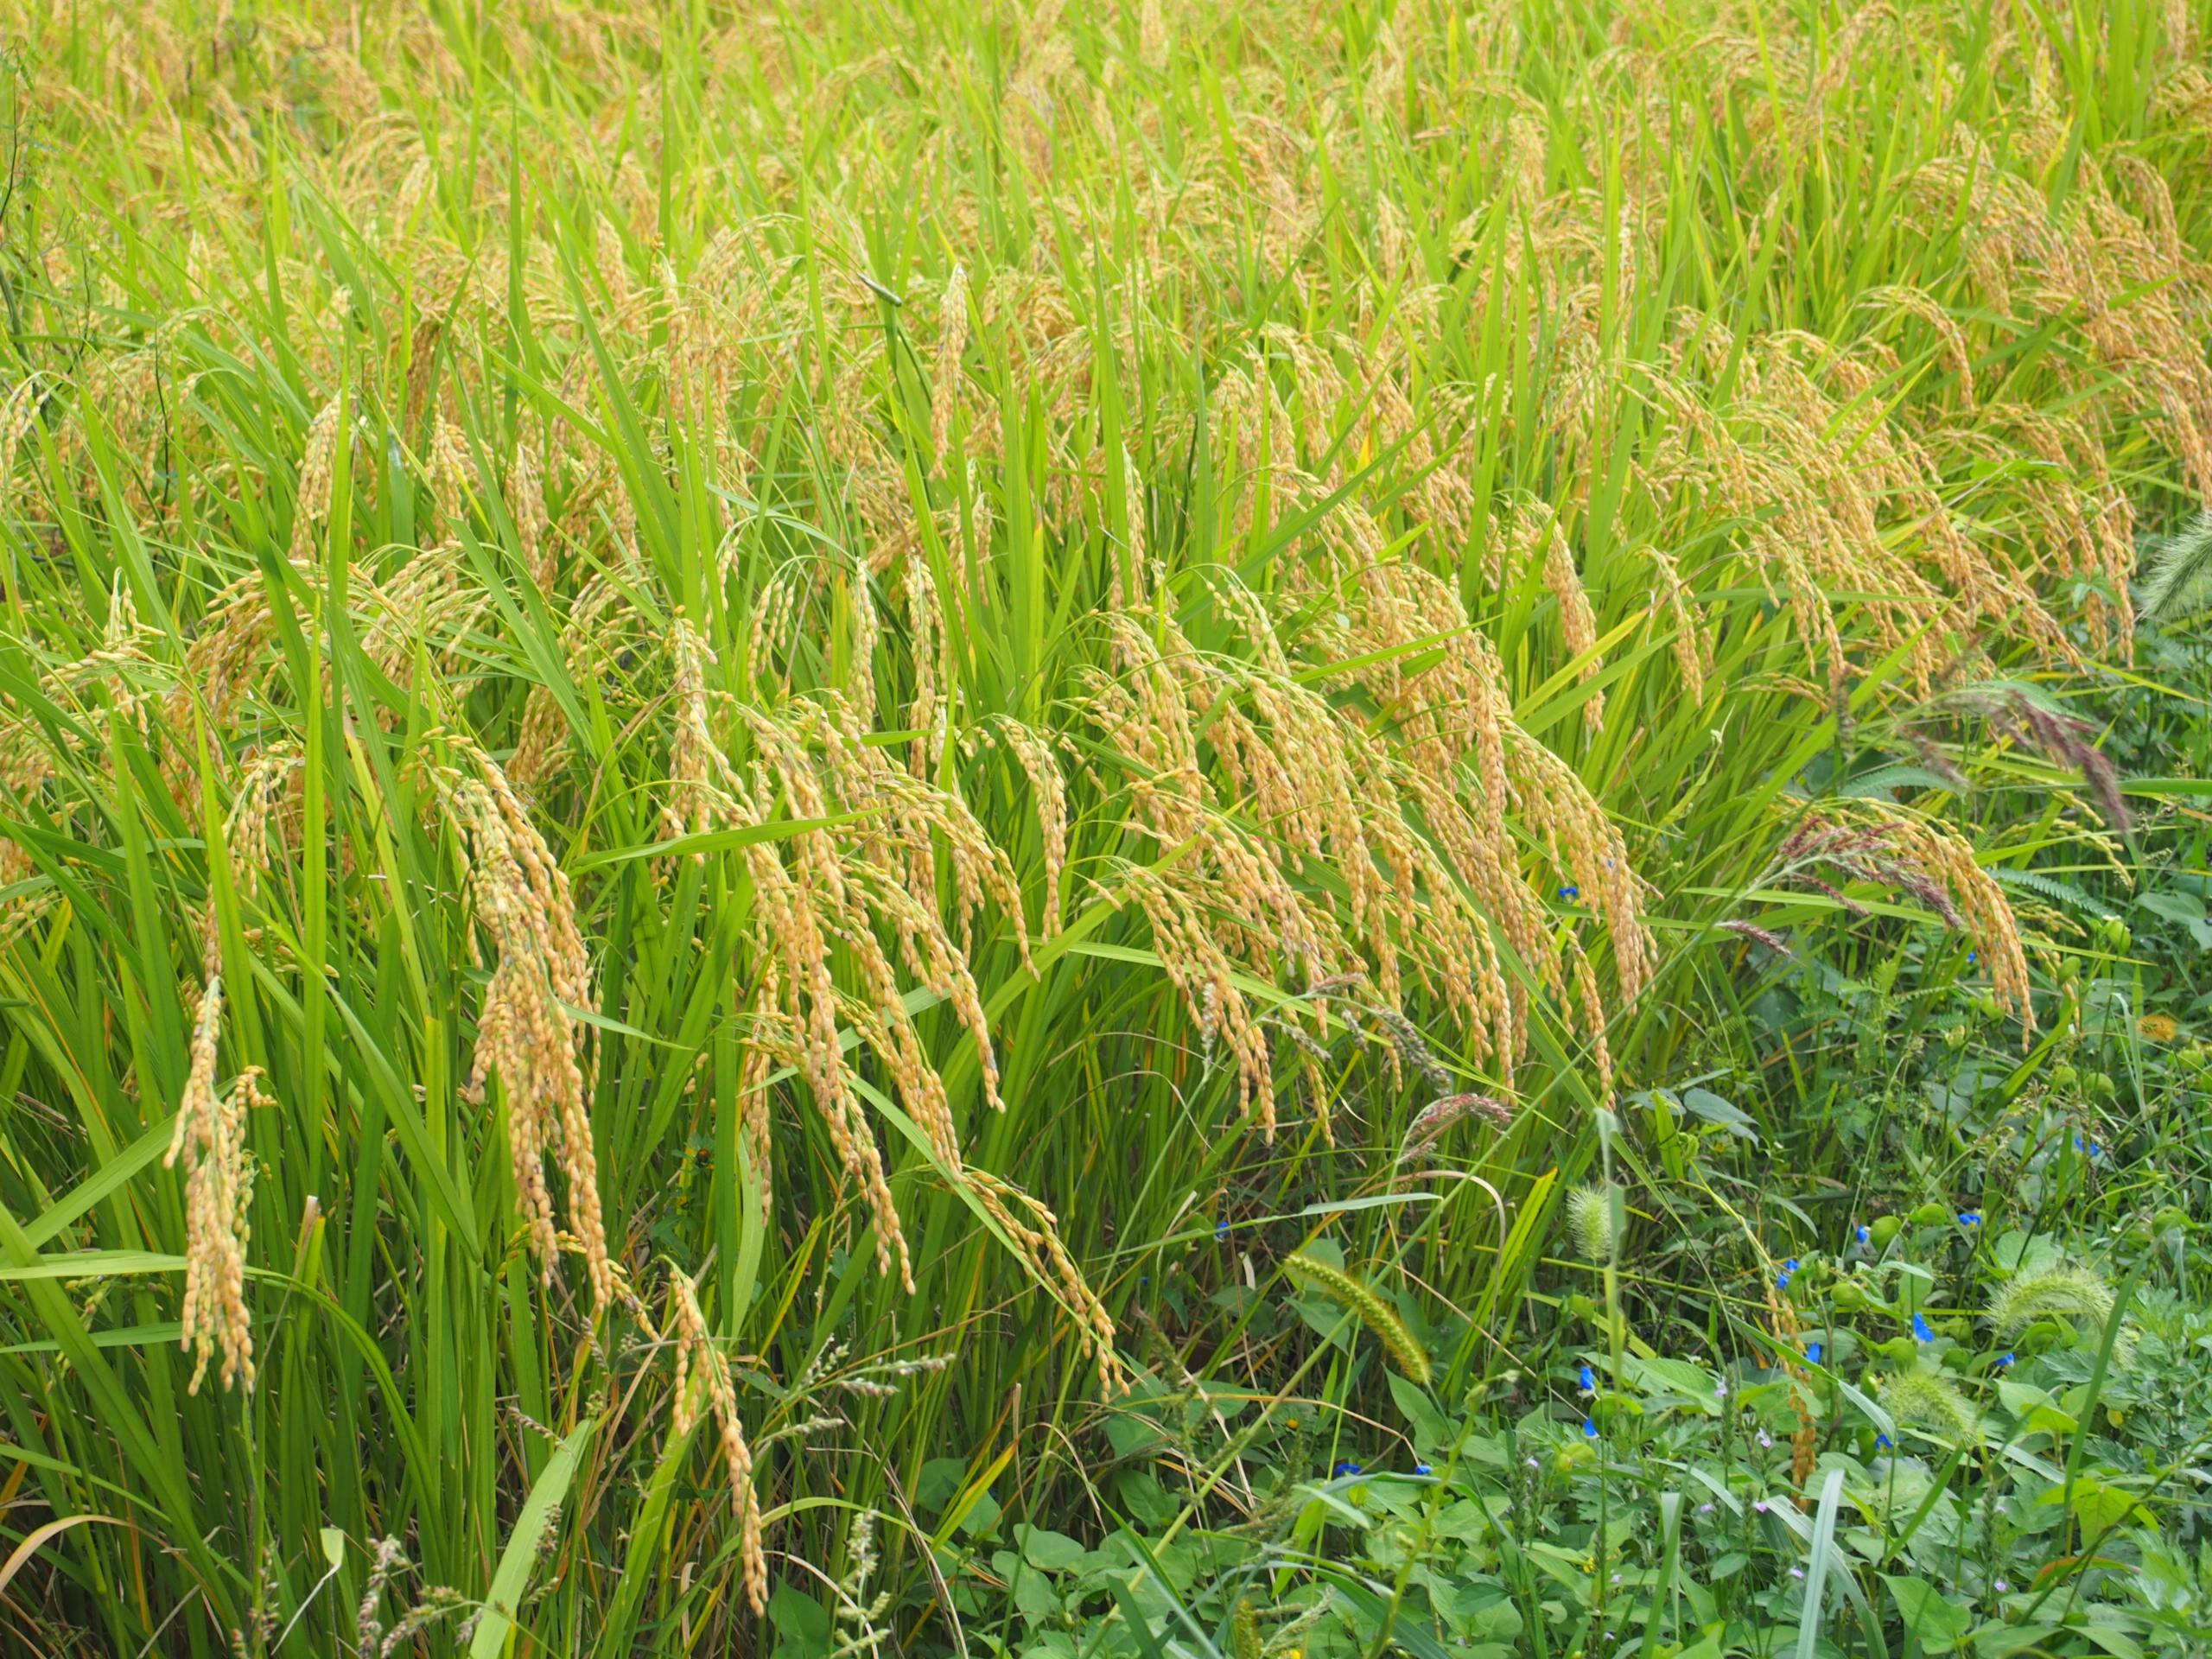 南丹市大沢さんの畑を訪問しました。